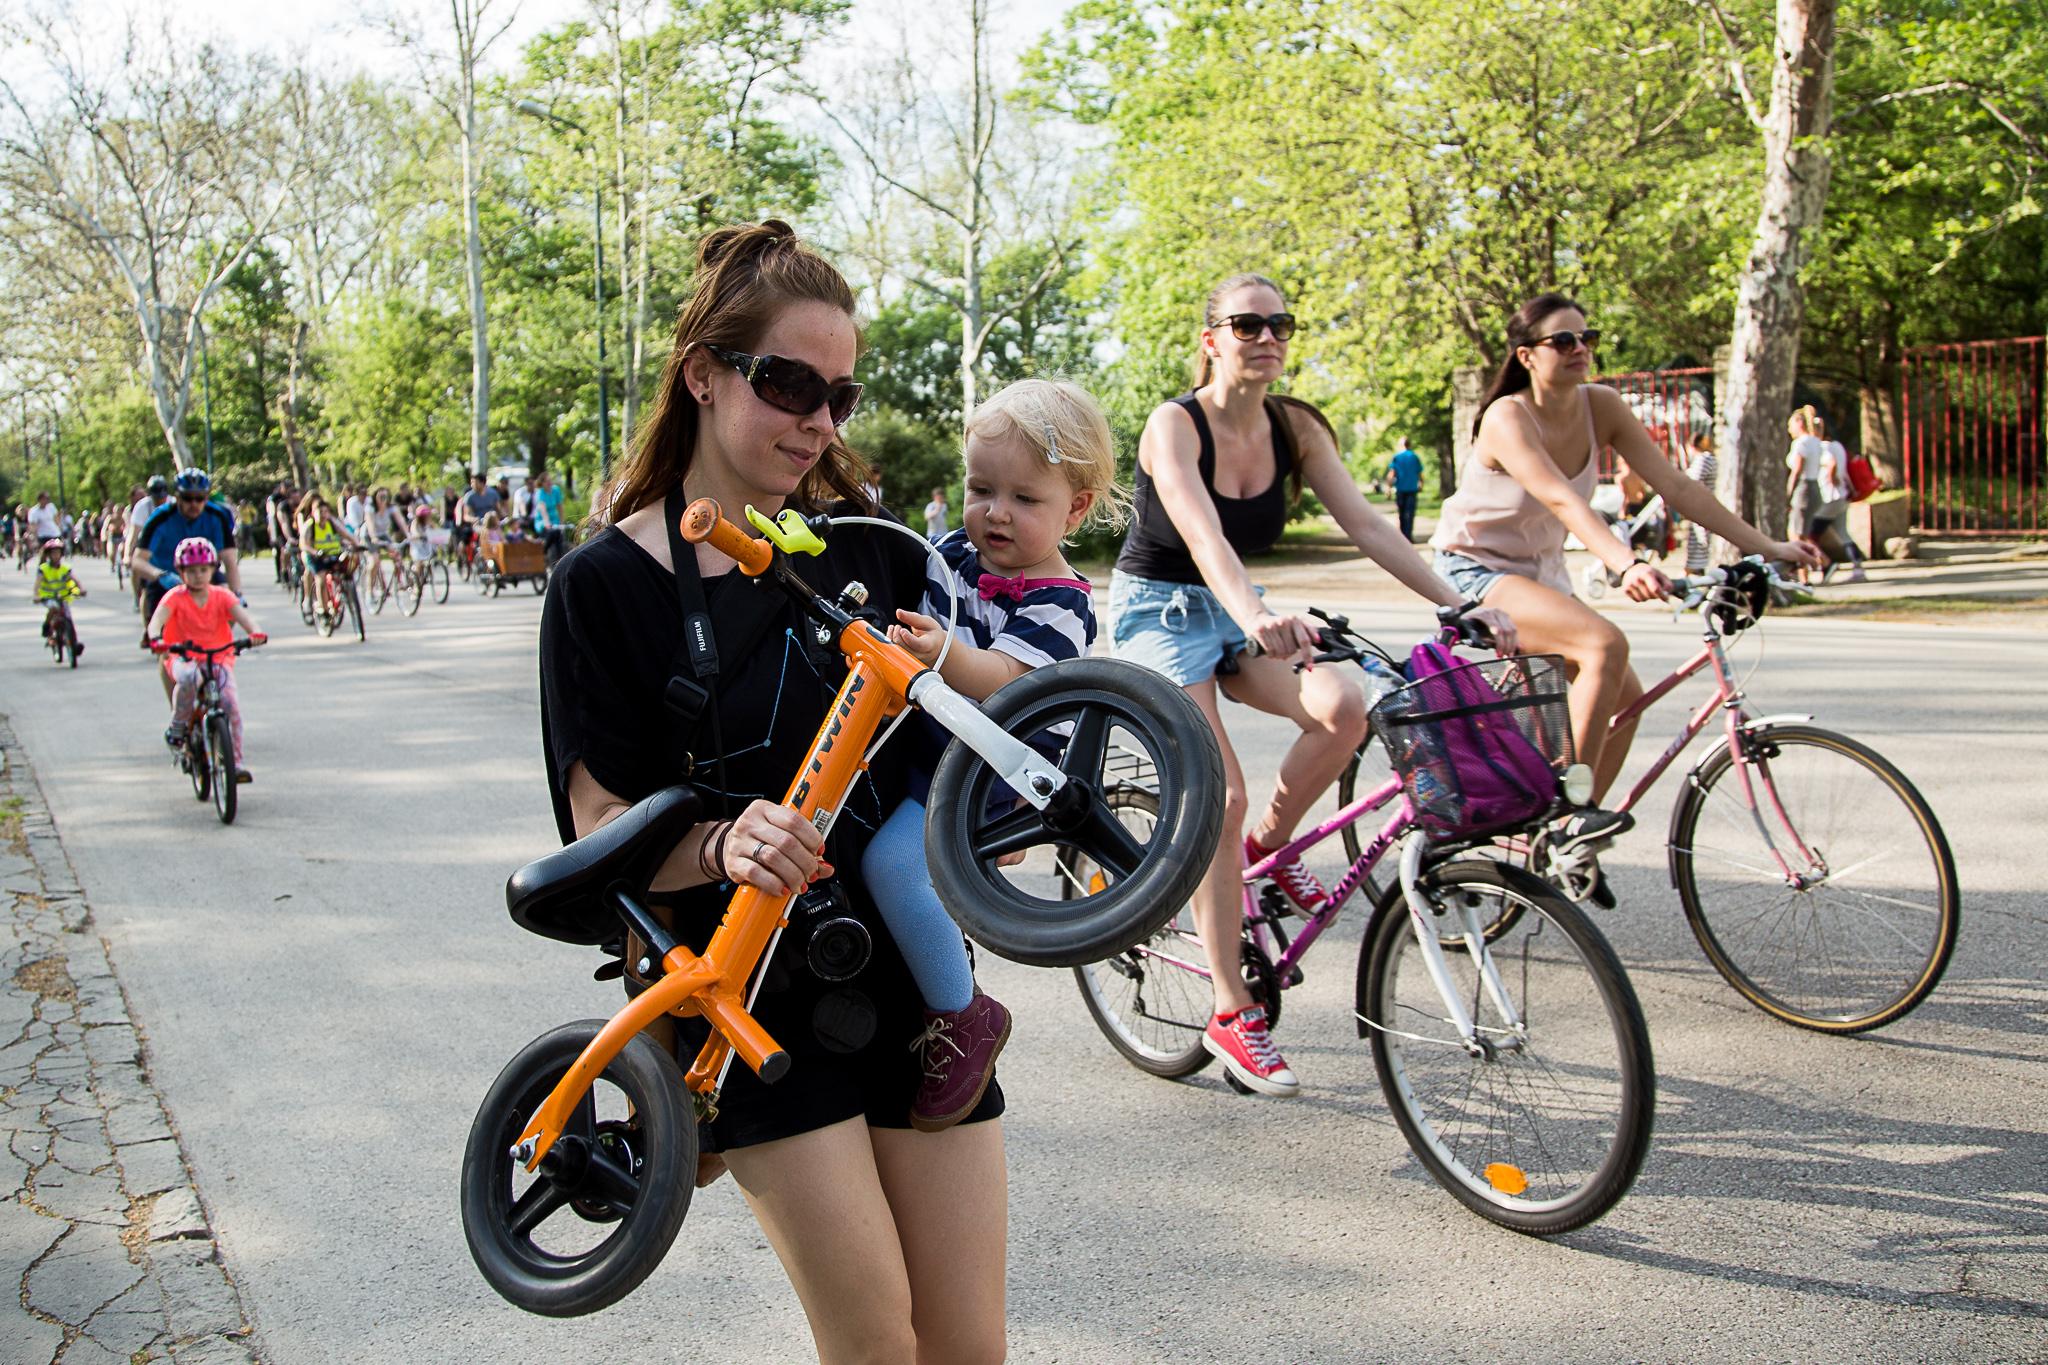 Új tervek a városligeti Olof Palme sétányra, új javaslatokat tettünk a bringázhatóság érdekében